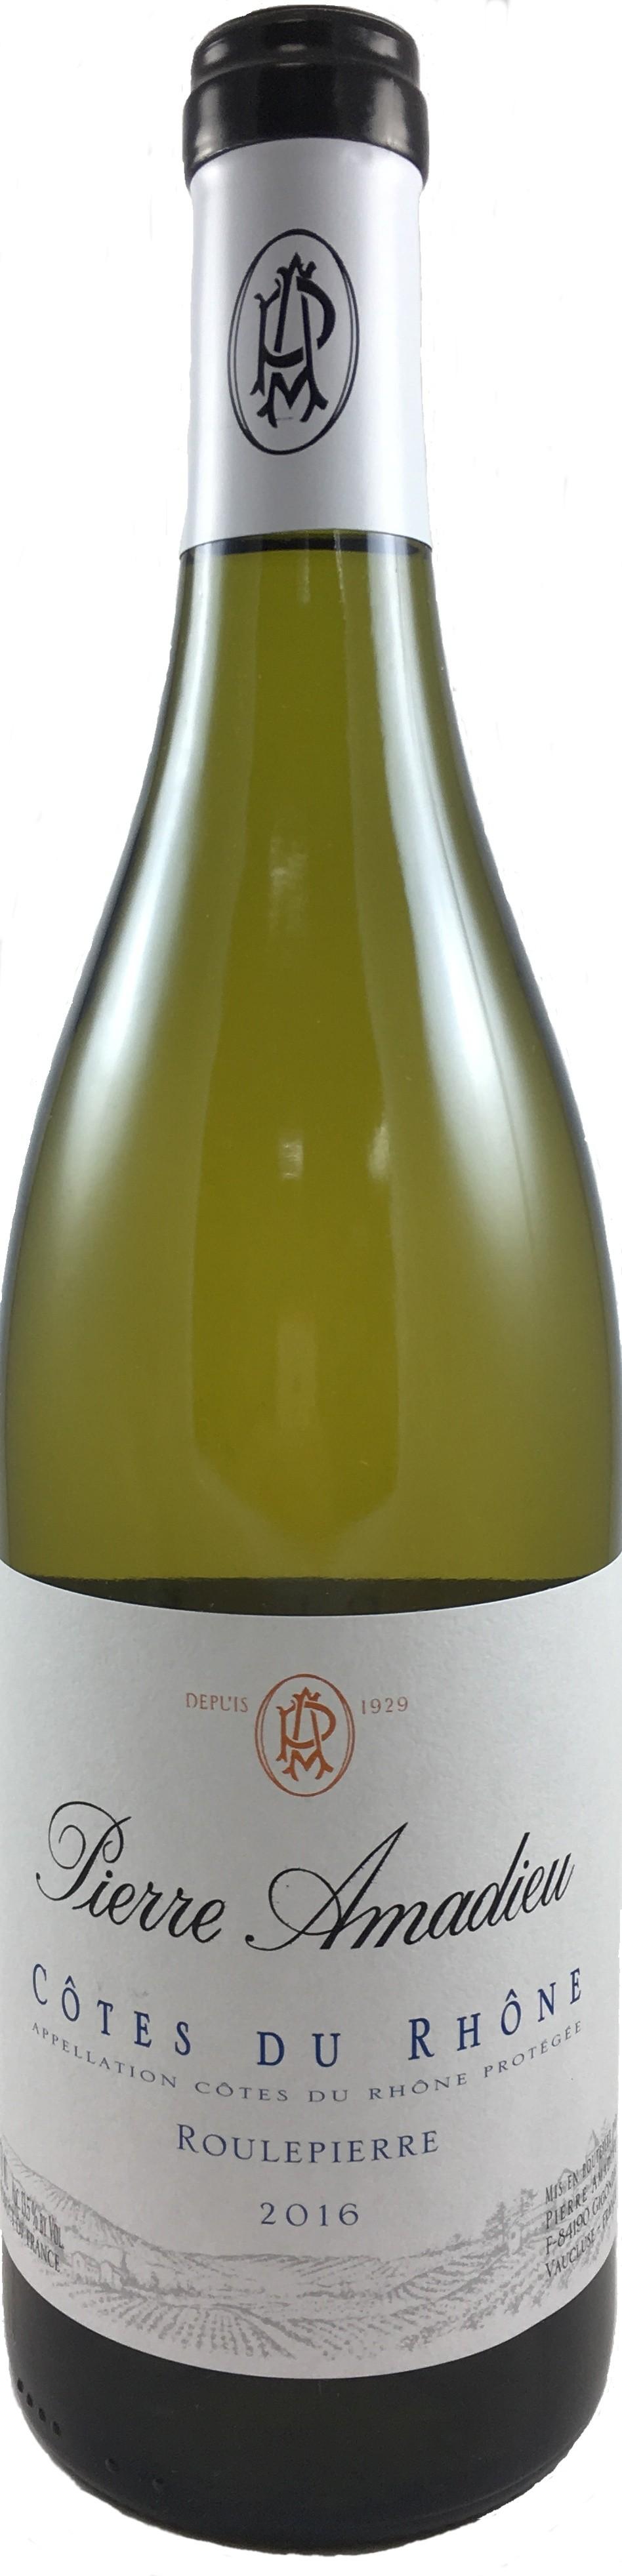 法國 隆河丘 2016  皮耶阿瑪德酒莊 滾石白葡萄酒